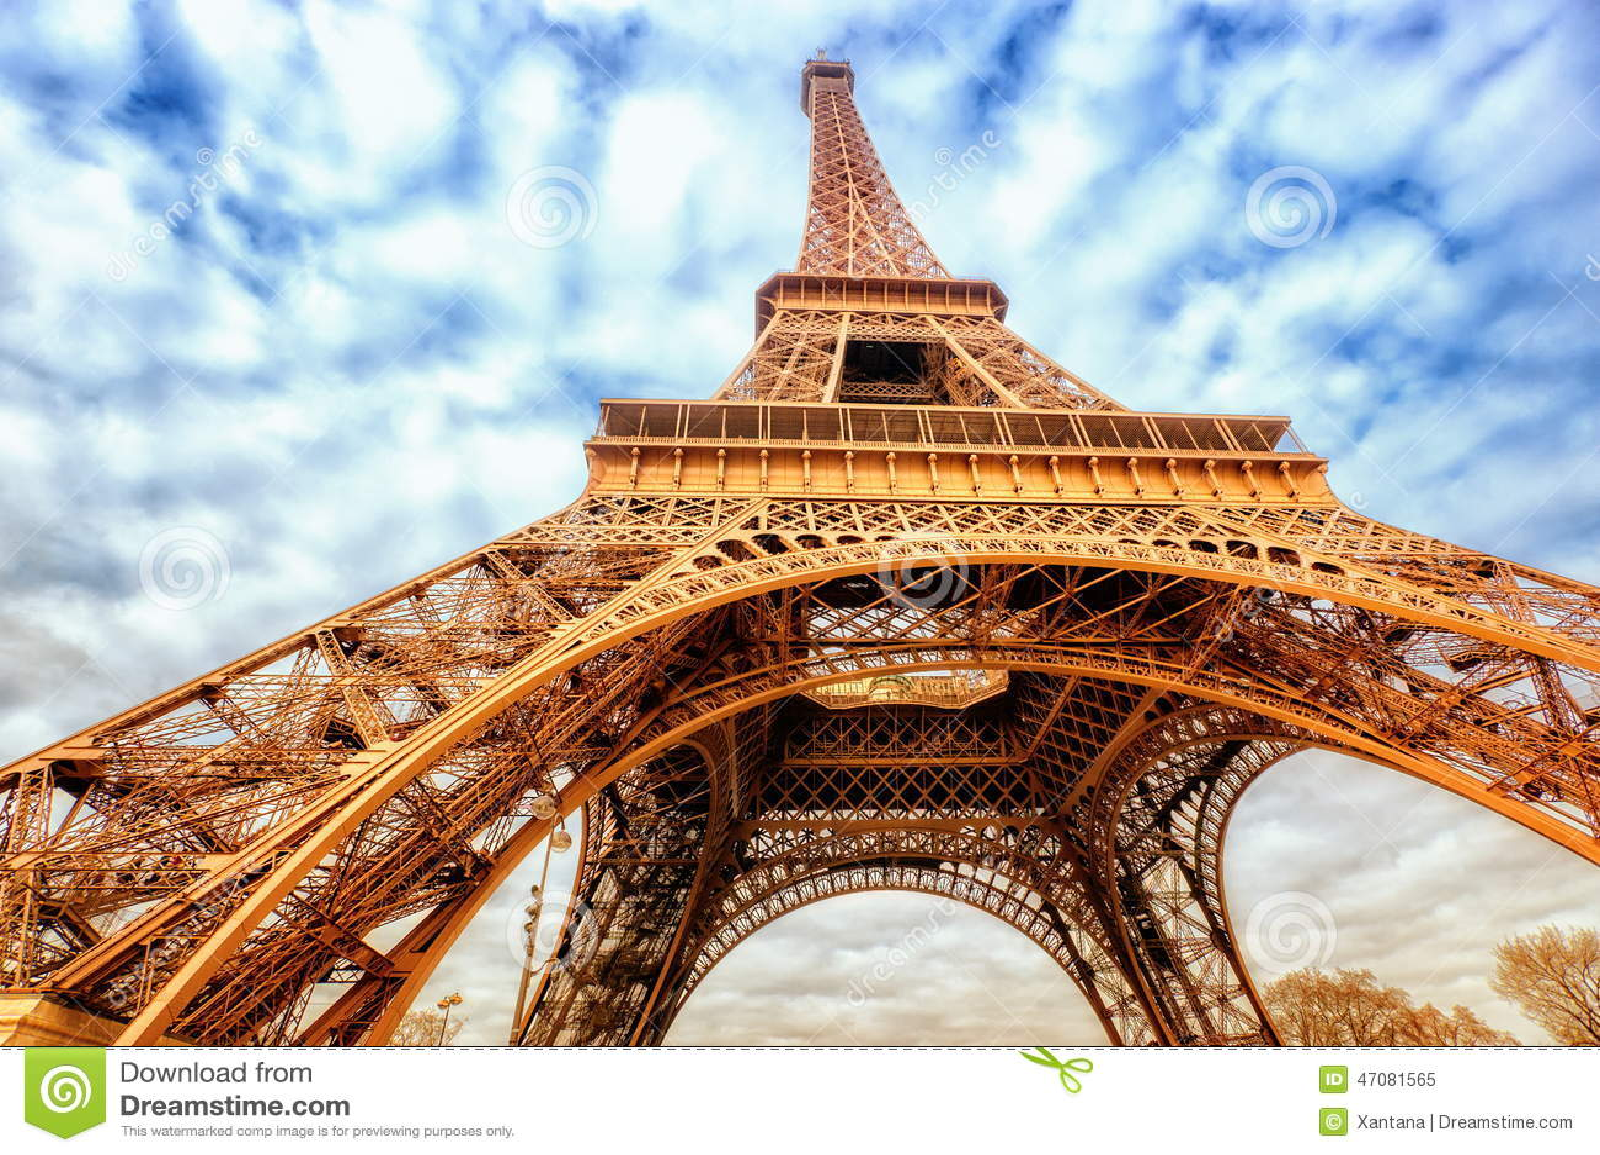 Torre Eiffel, Paris, France